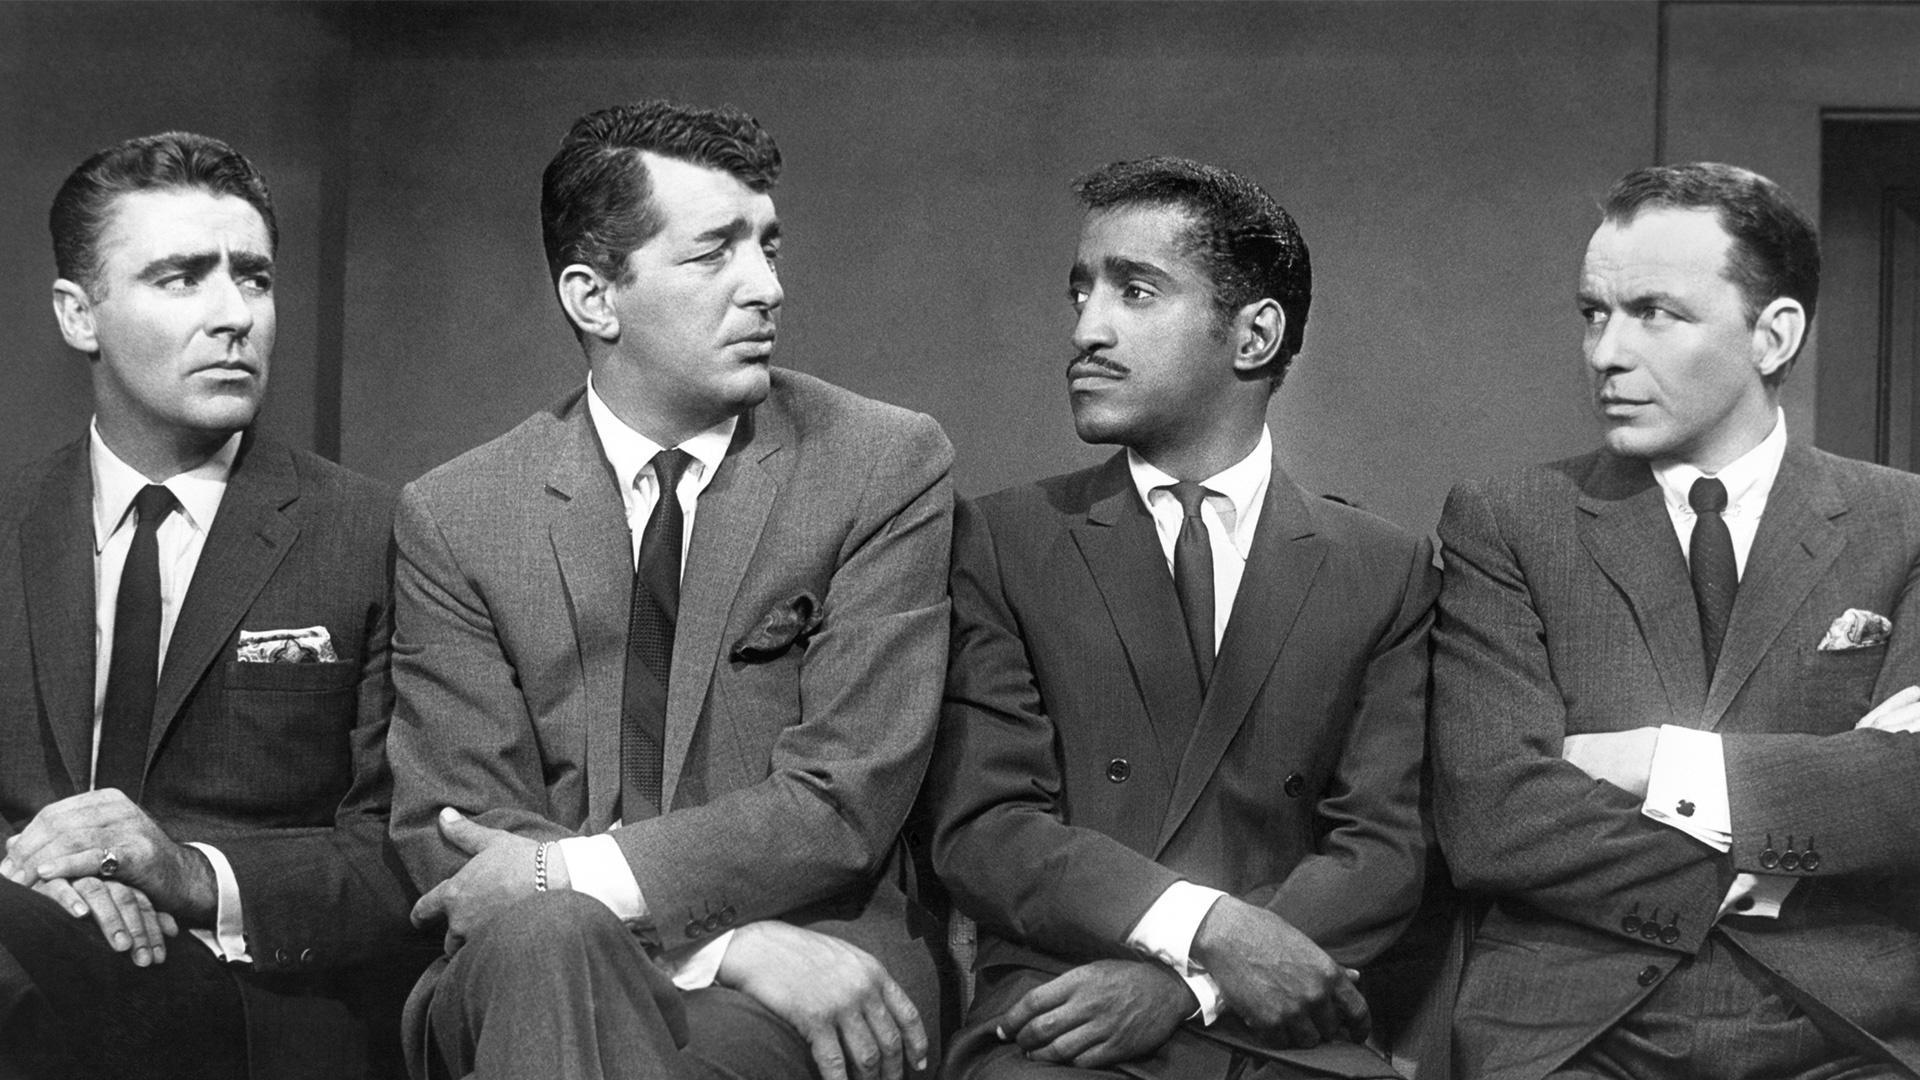 Norman Lear on how Sammy Davis, Jr. Broke Barrier